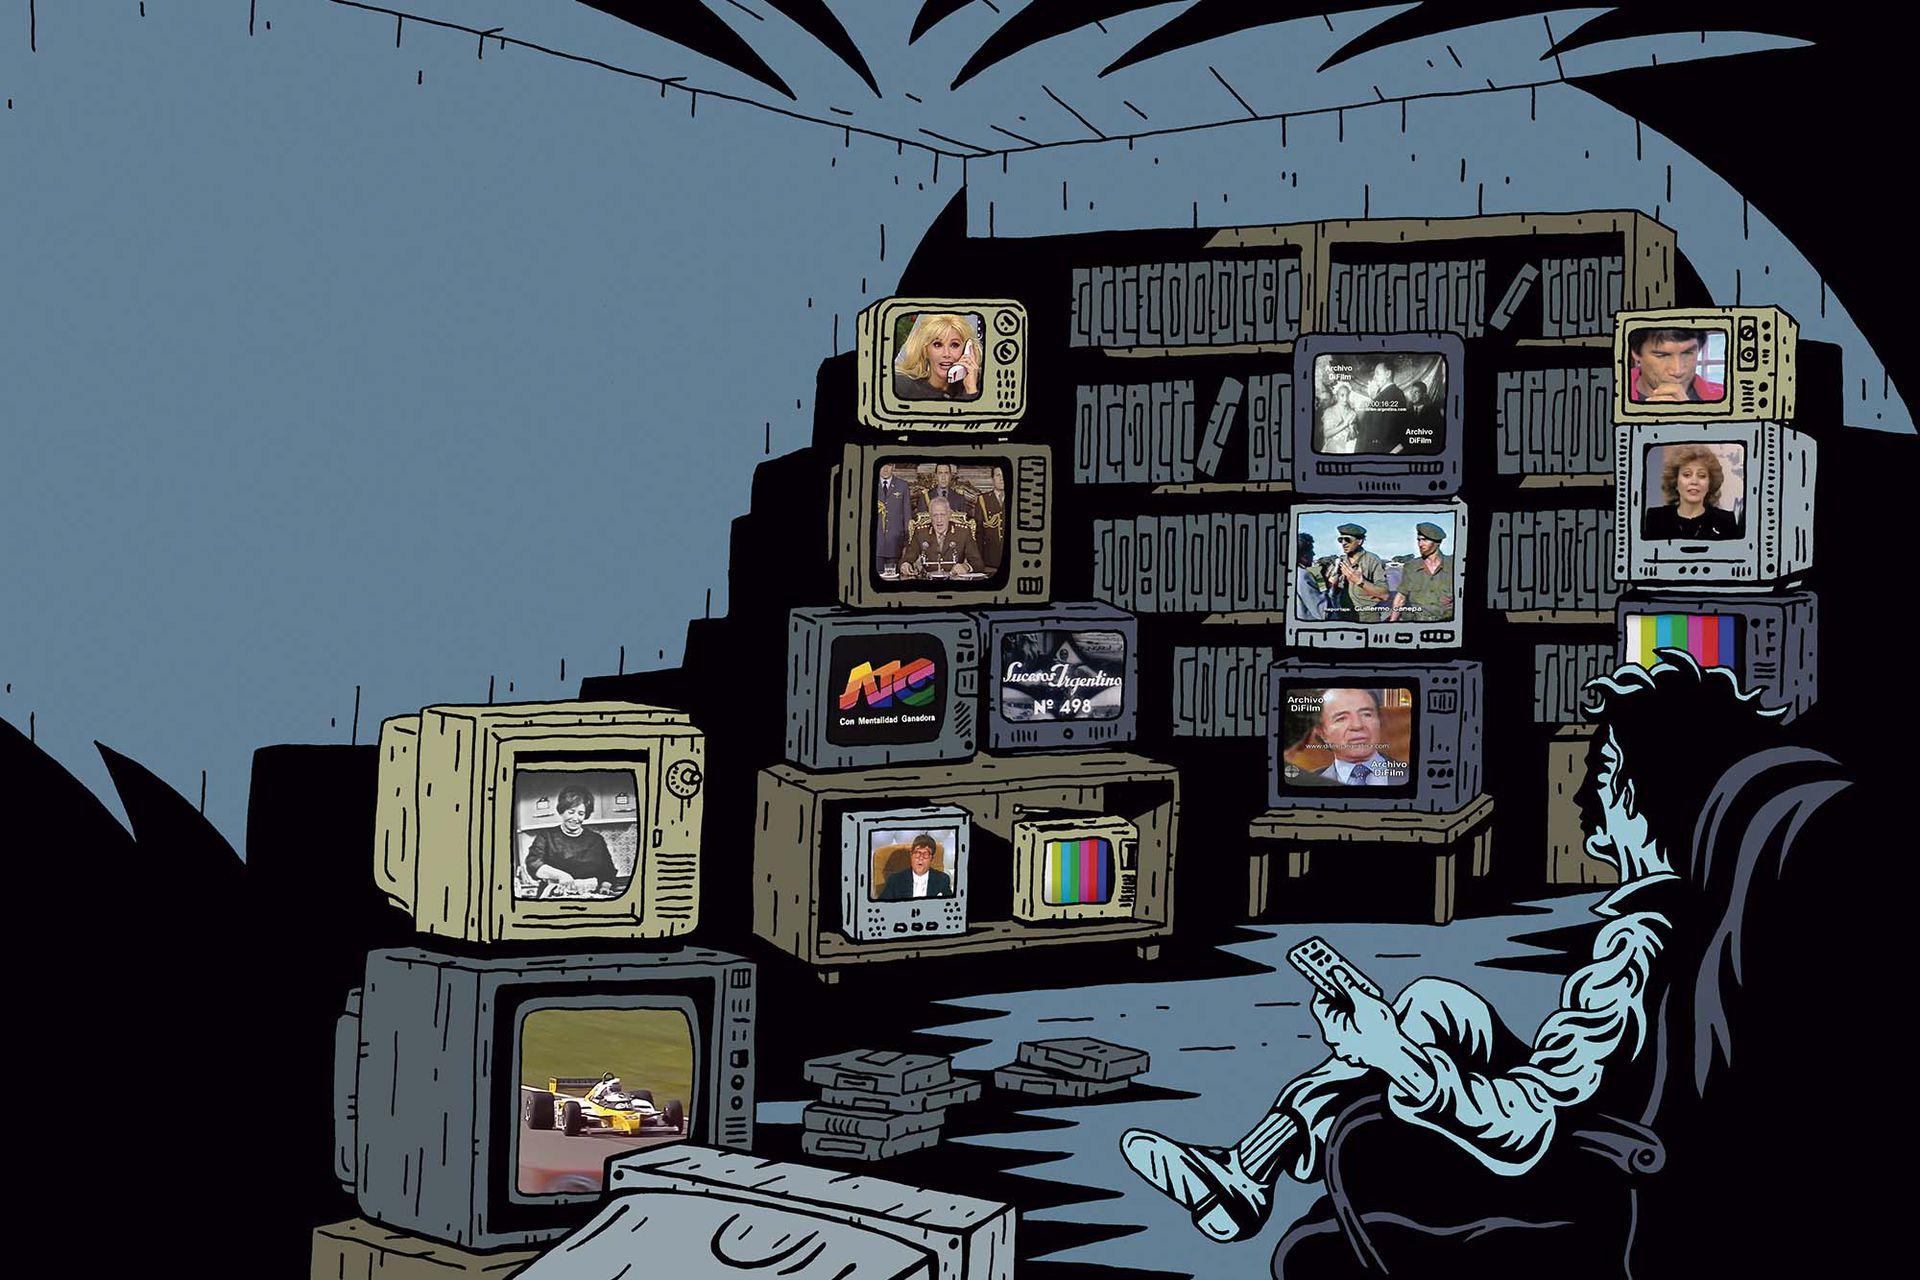 El Archivo DiFilm supera los 108 millones de vistas en sus dos canales de YouTube y se convirtió en un negocio formidable.